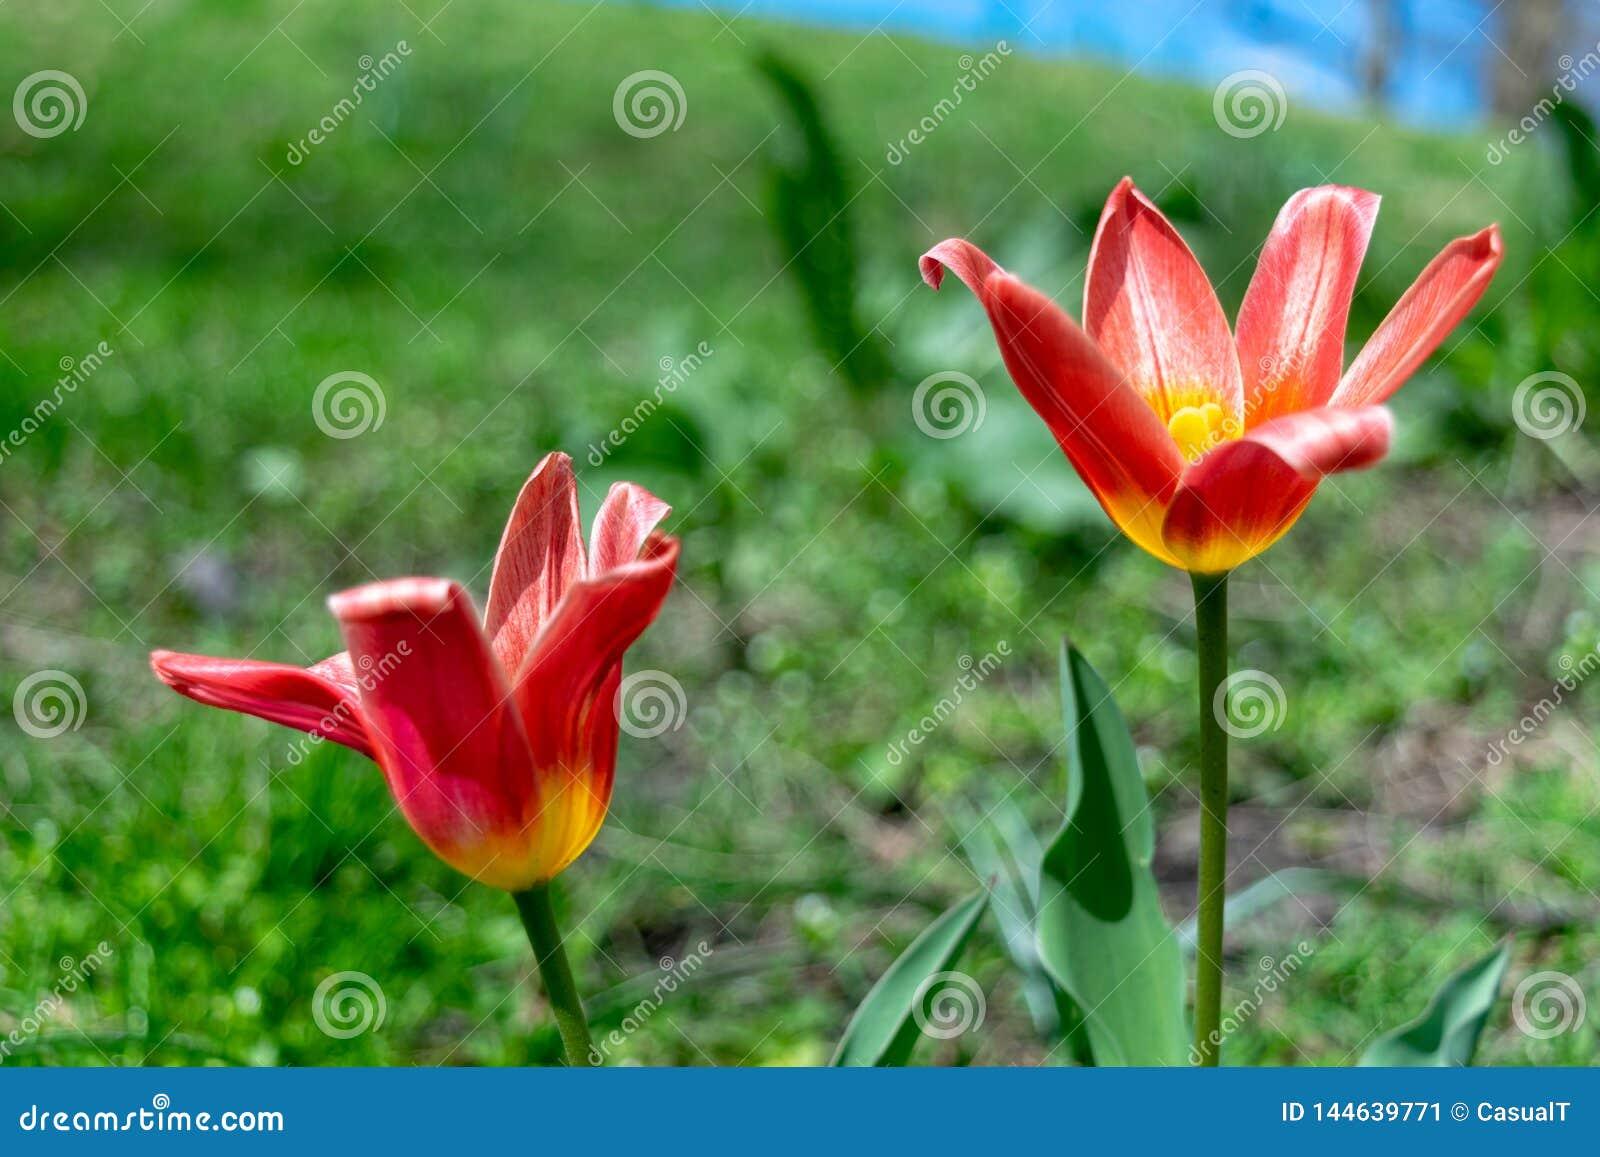 两个美丽的红色和黄色百合在豪华的绿草中在早期的春天开花,在一温暖的天